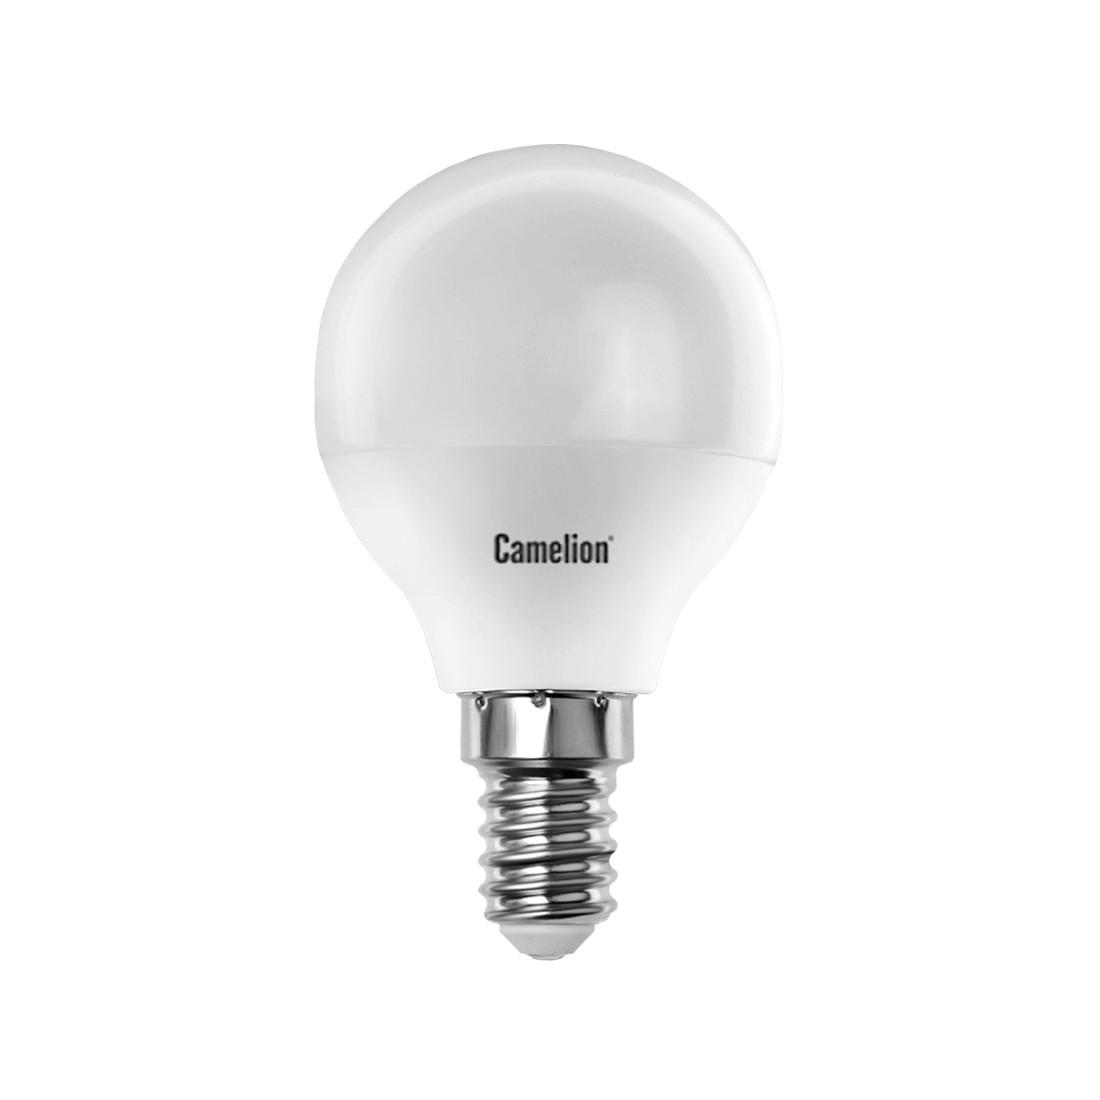 Эл. лампа светодиодная  Camelion  LED7-G45/845/E14